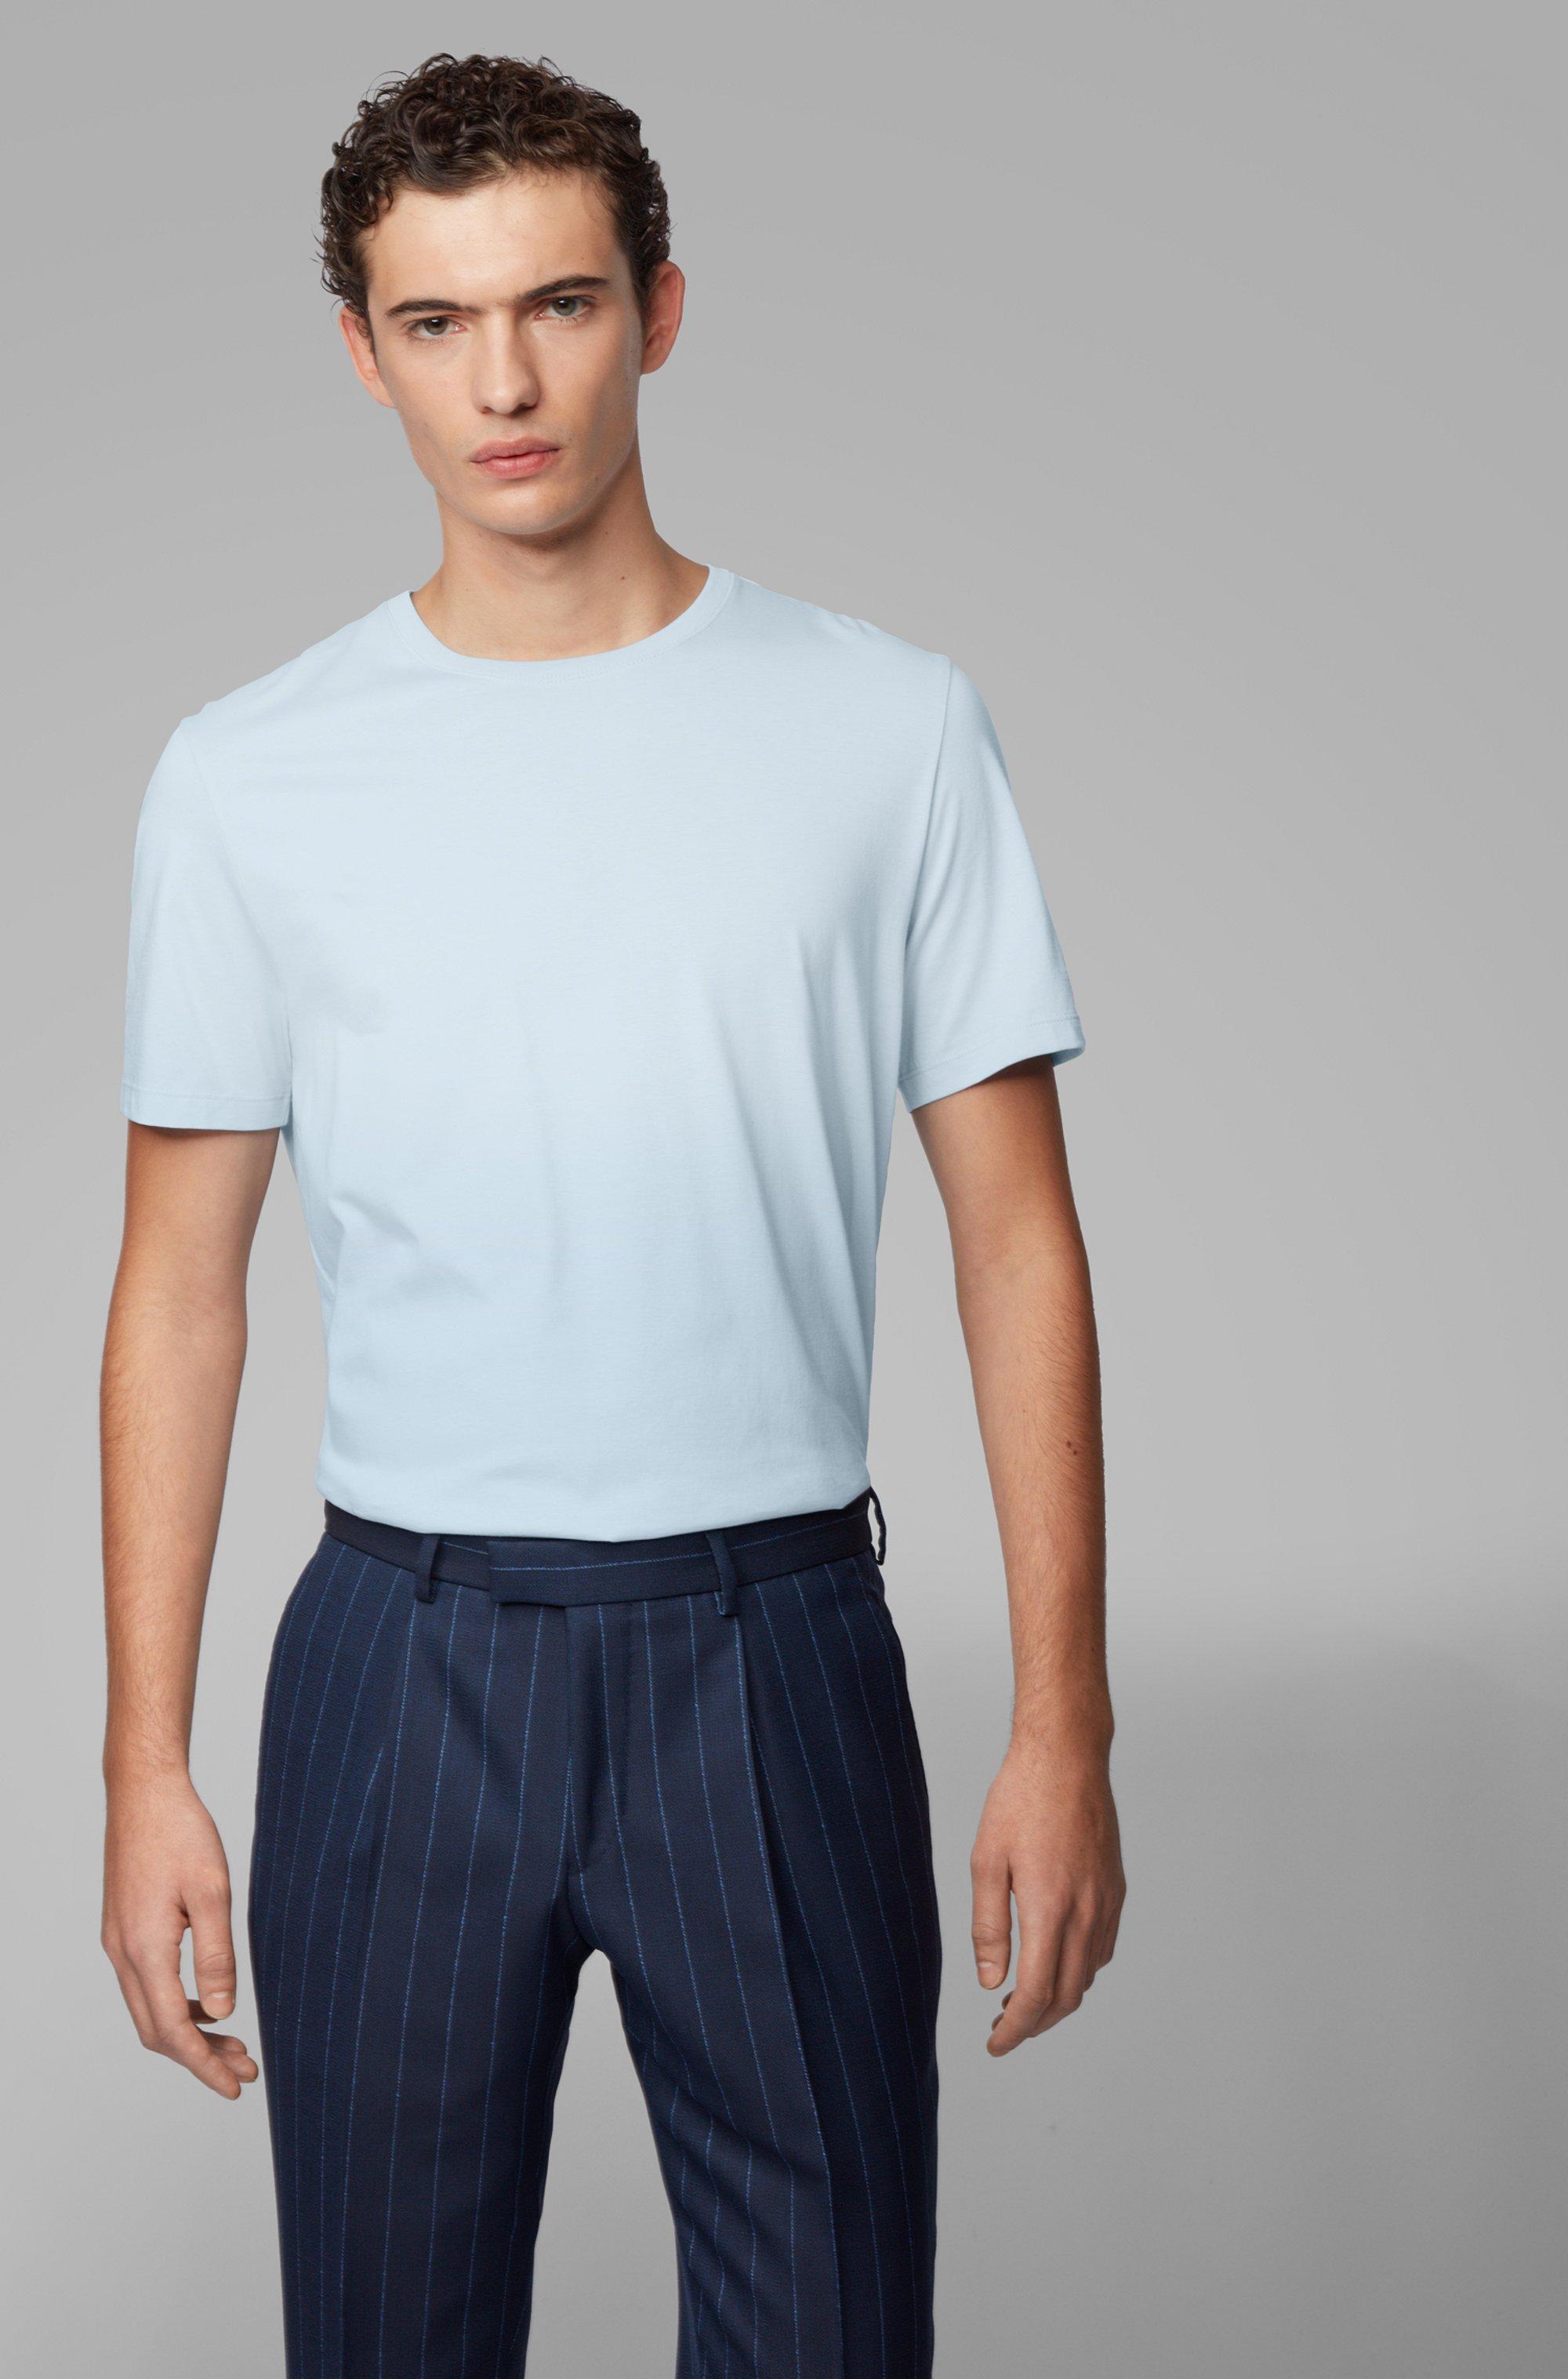 クルーネックTシャツ ピュアコットン リキッドフィニッシュ